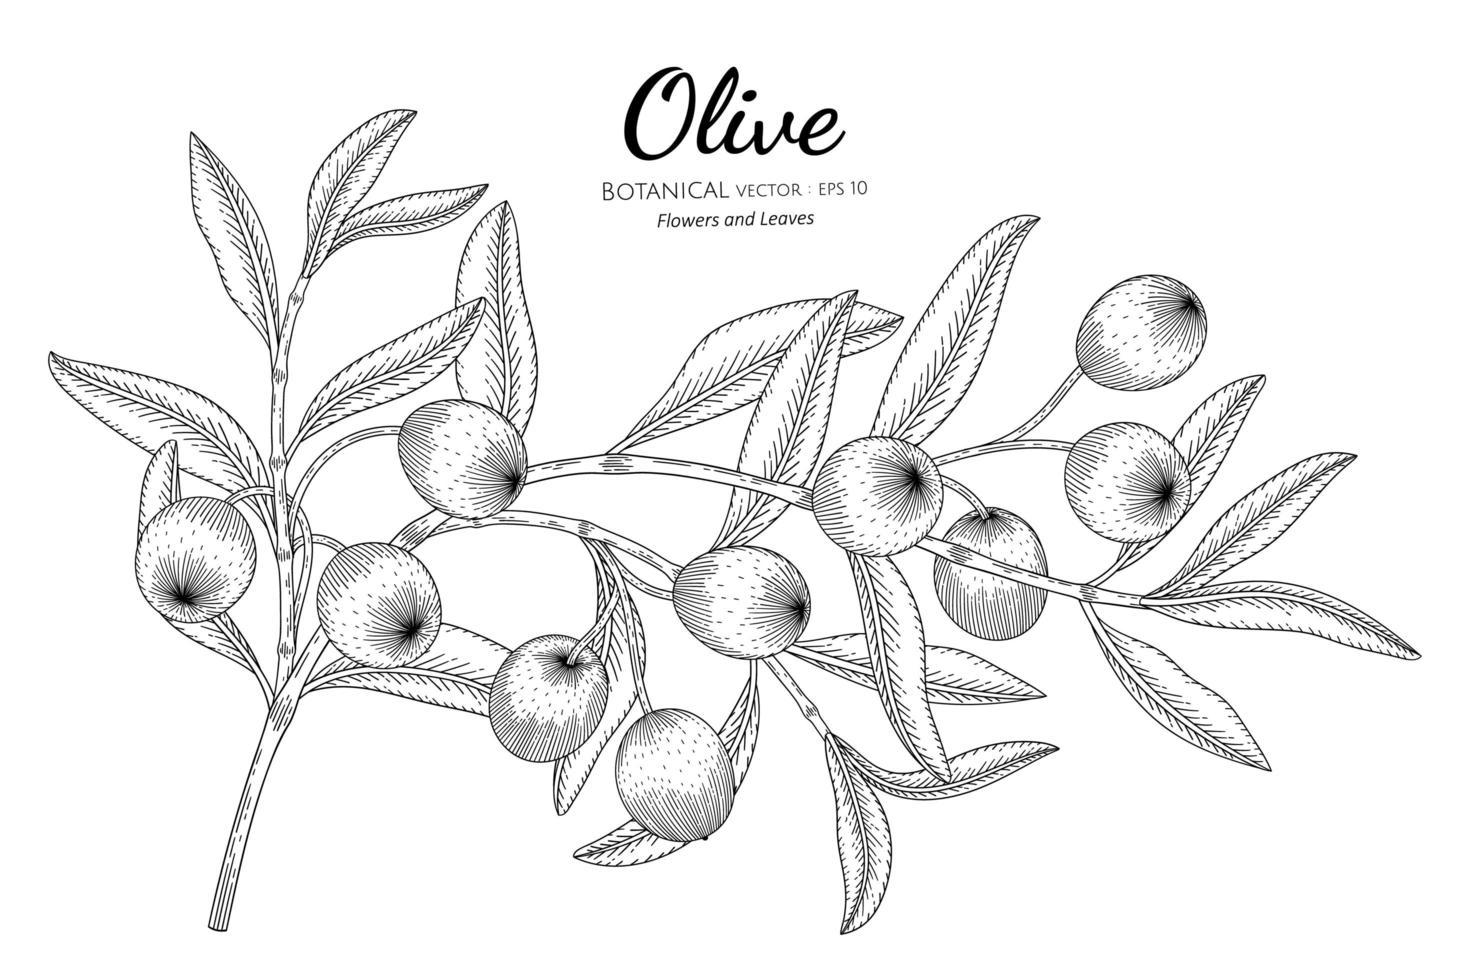 dessin au trait olives et feuilles dessinées à la main vecteur